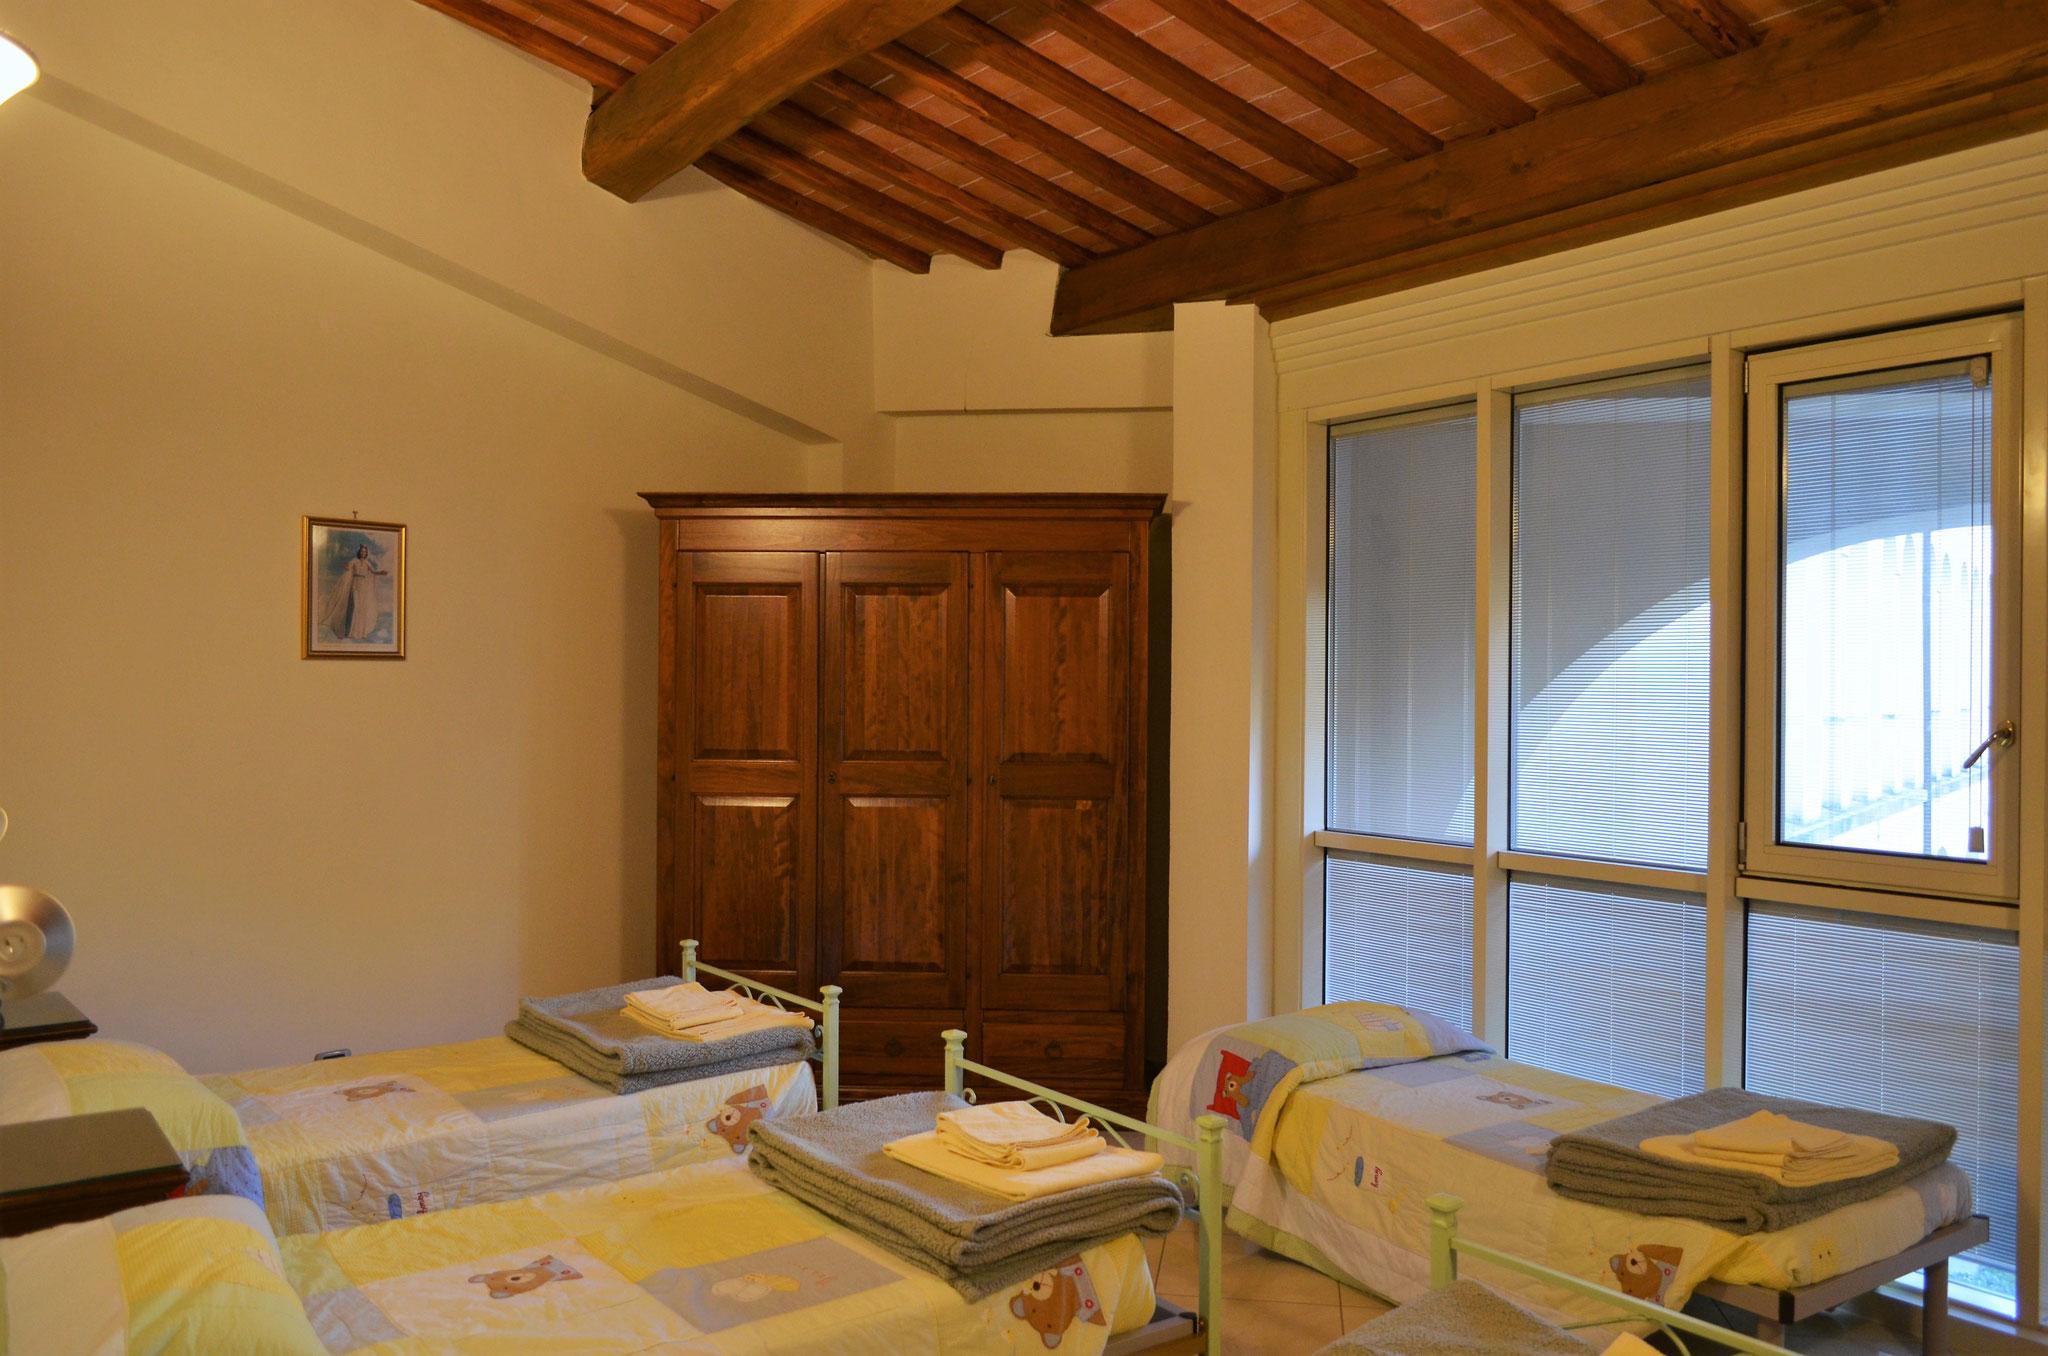 Camera con quattro letti